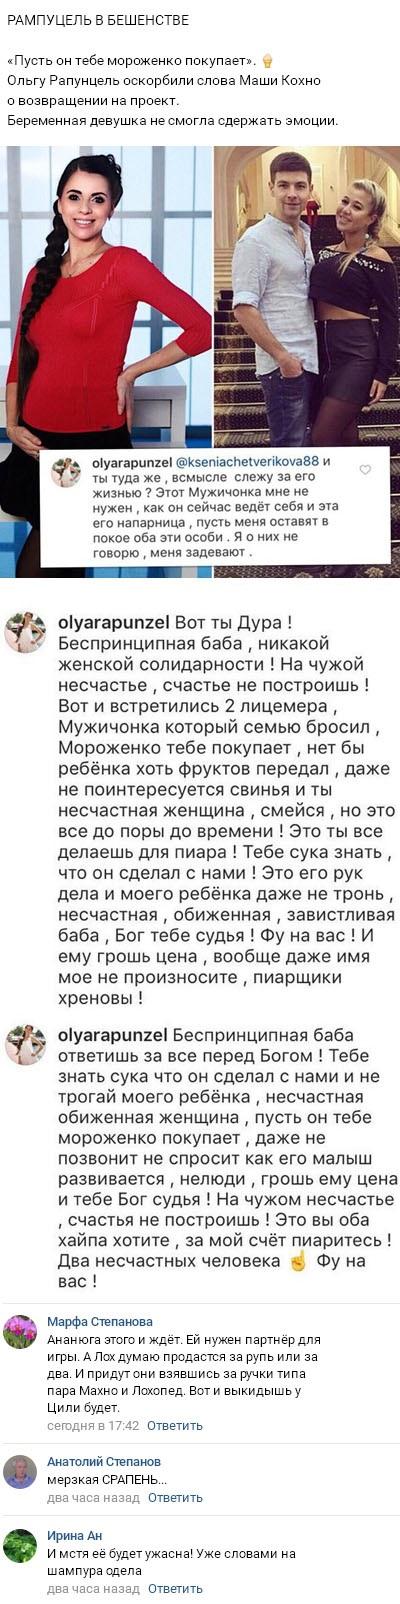 Реакция Ольги Рапунцель на отношения Марии Кохно и Дмитрия Дмитренко